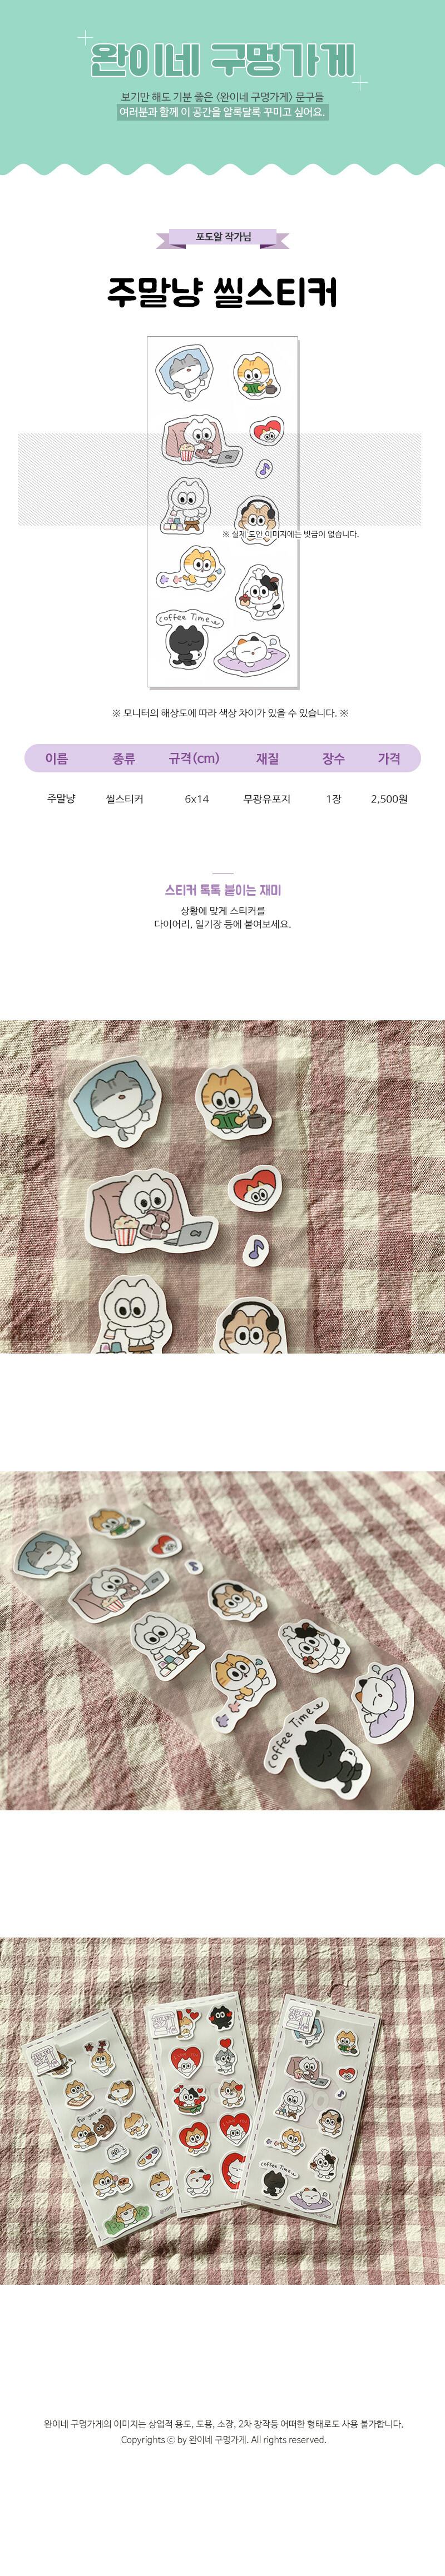 sticker909